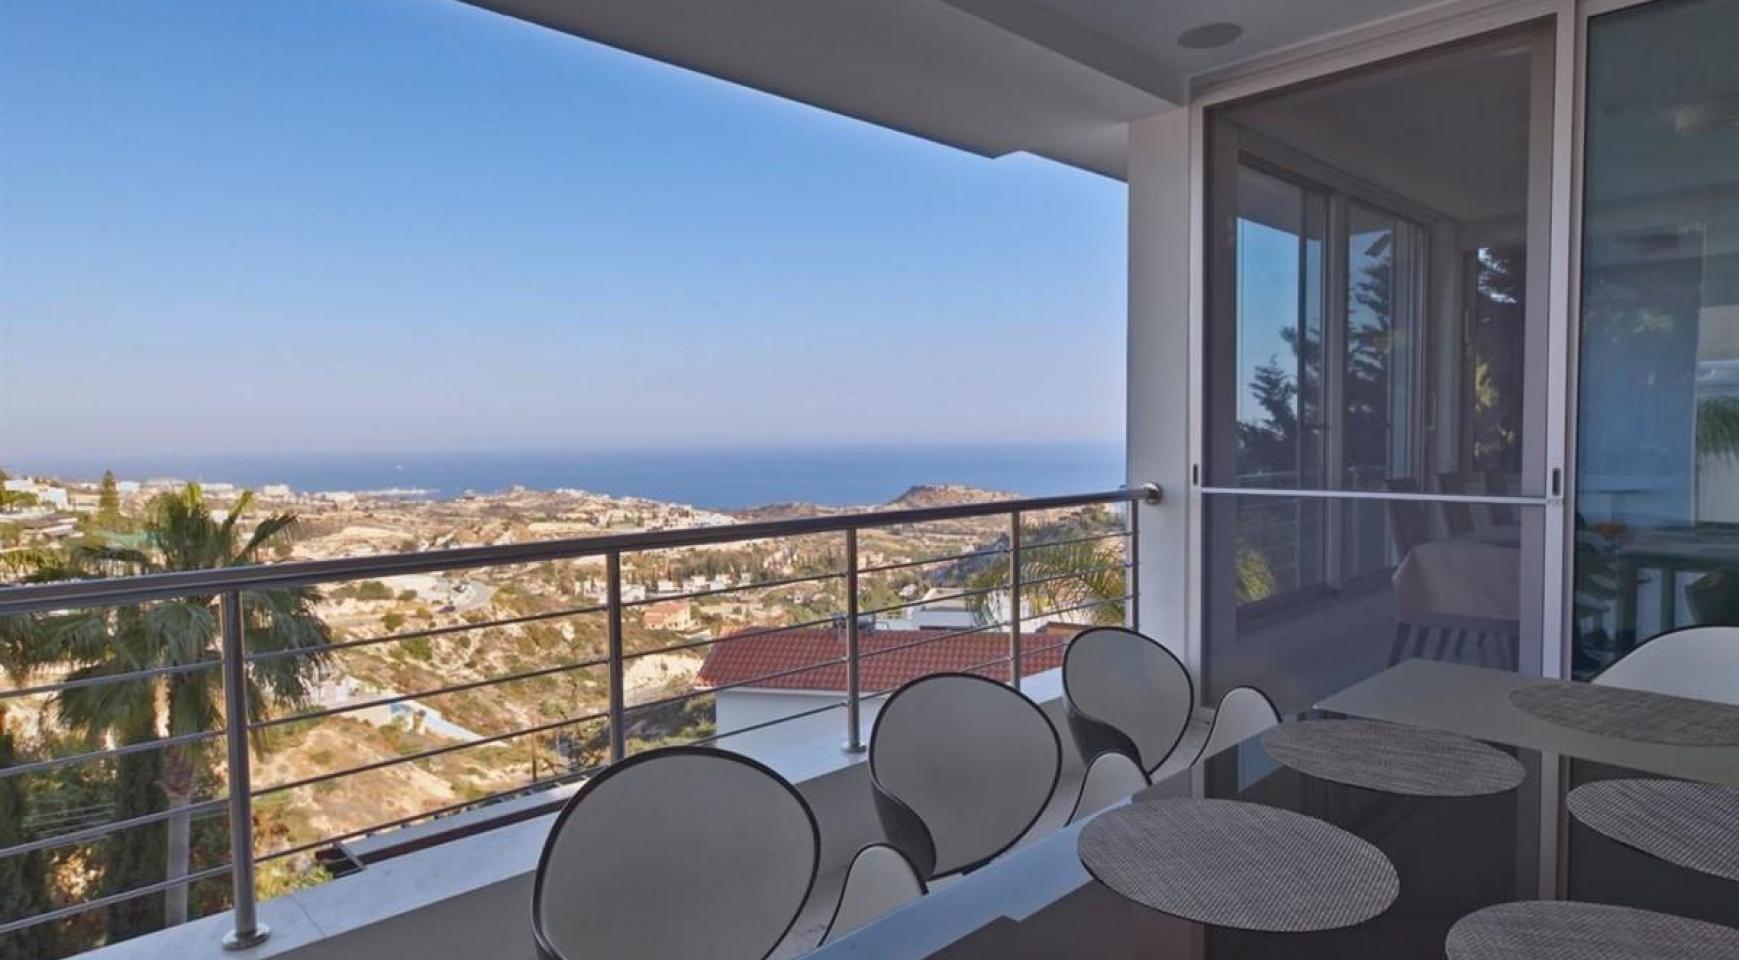 Элитная 5-Спальная Вилла с Изумительными Видами на Море и Горы в Районе Agios Tychonas - 4